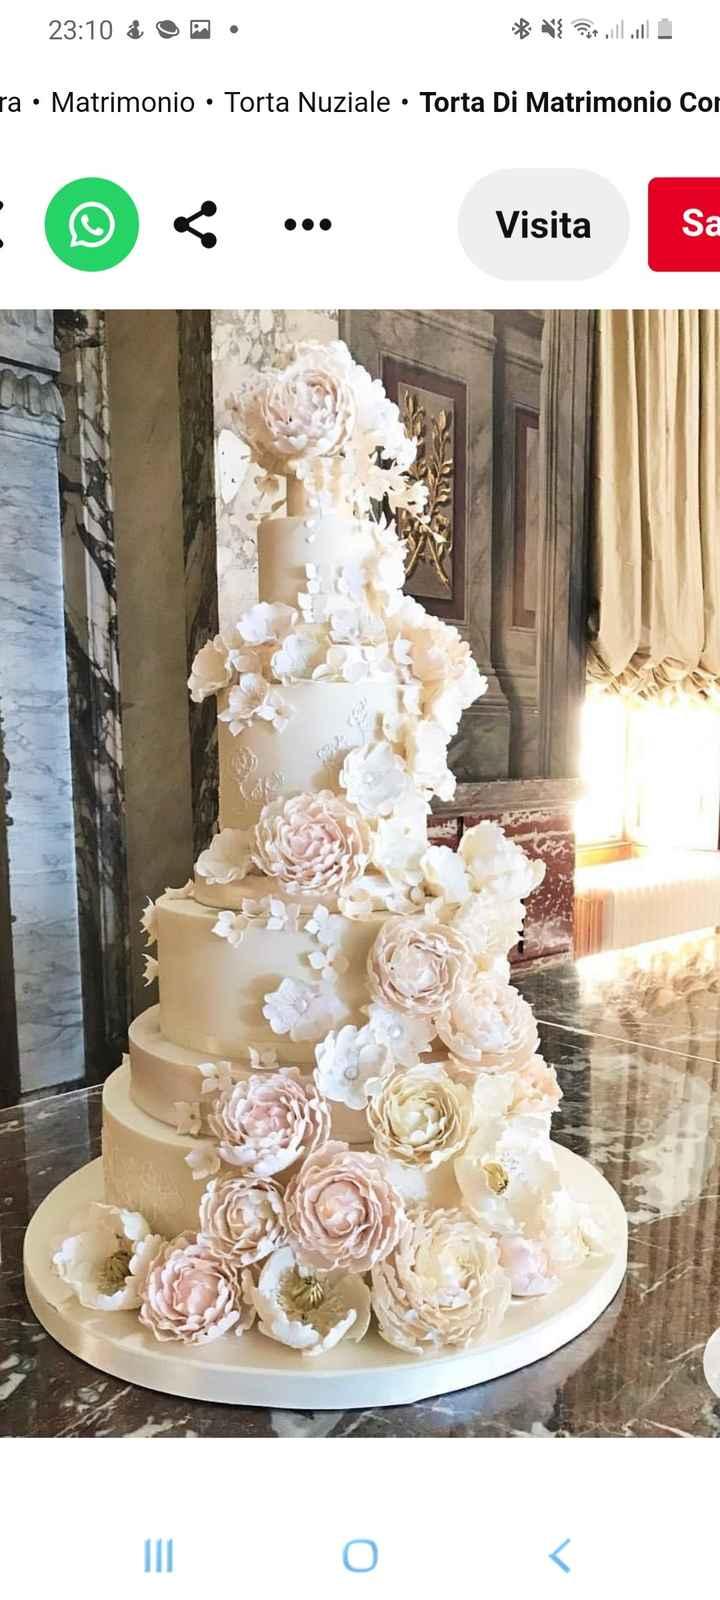 Torta nuziale: bianca, colorata o... 1